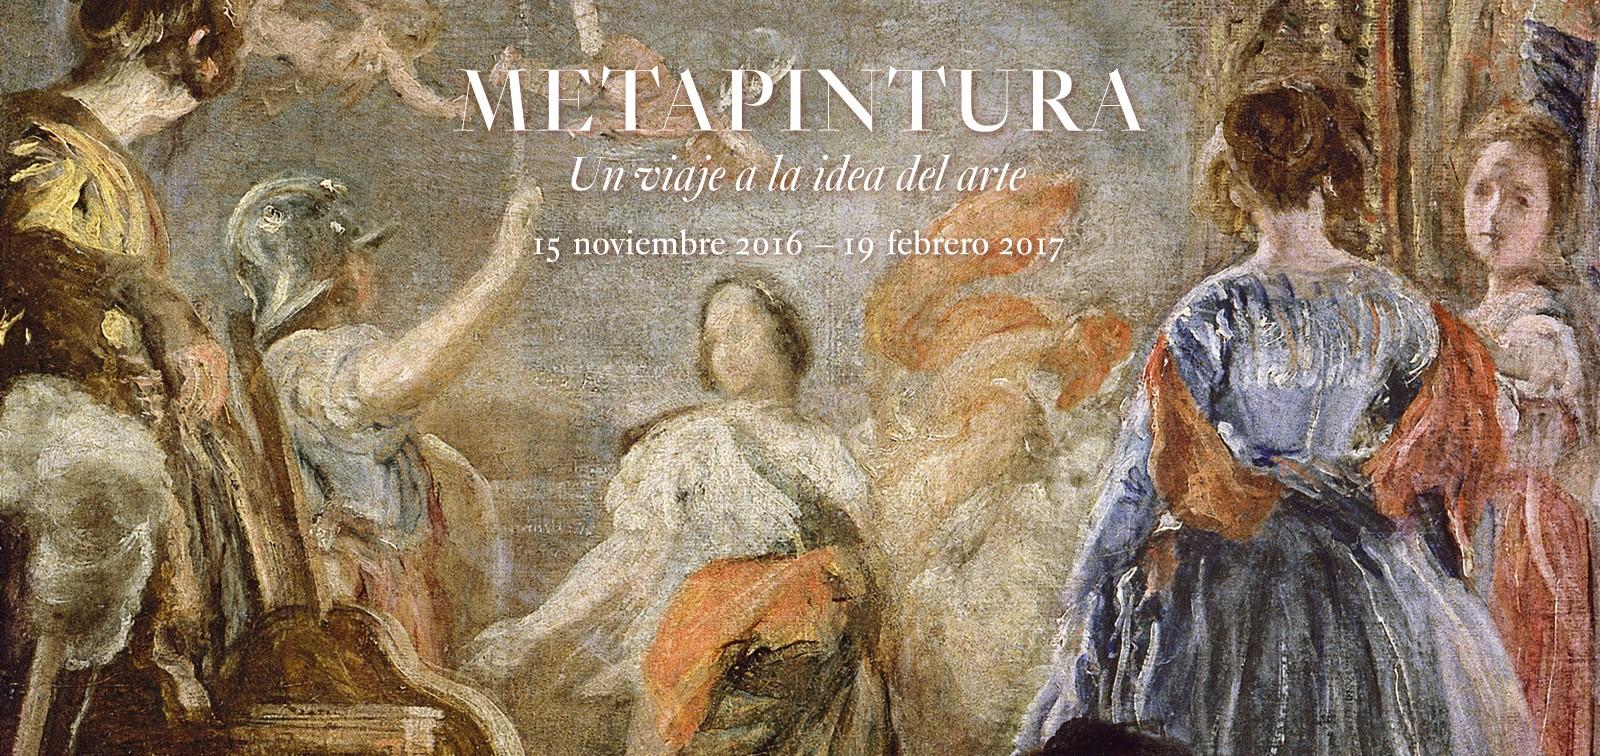 Metapintura. Un viaje a la idea del arte